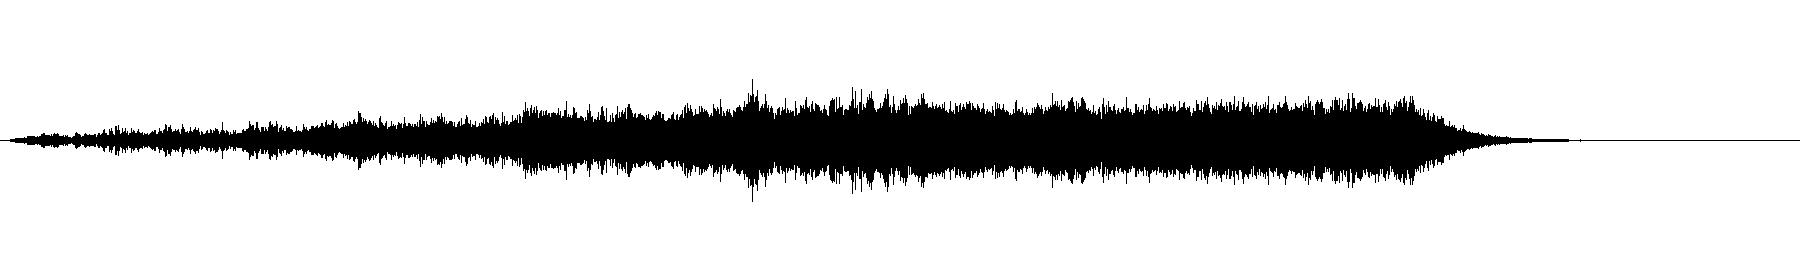 str fx b 05 xs